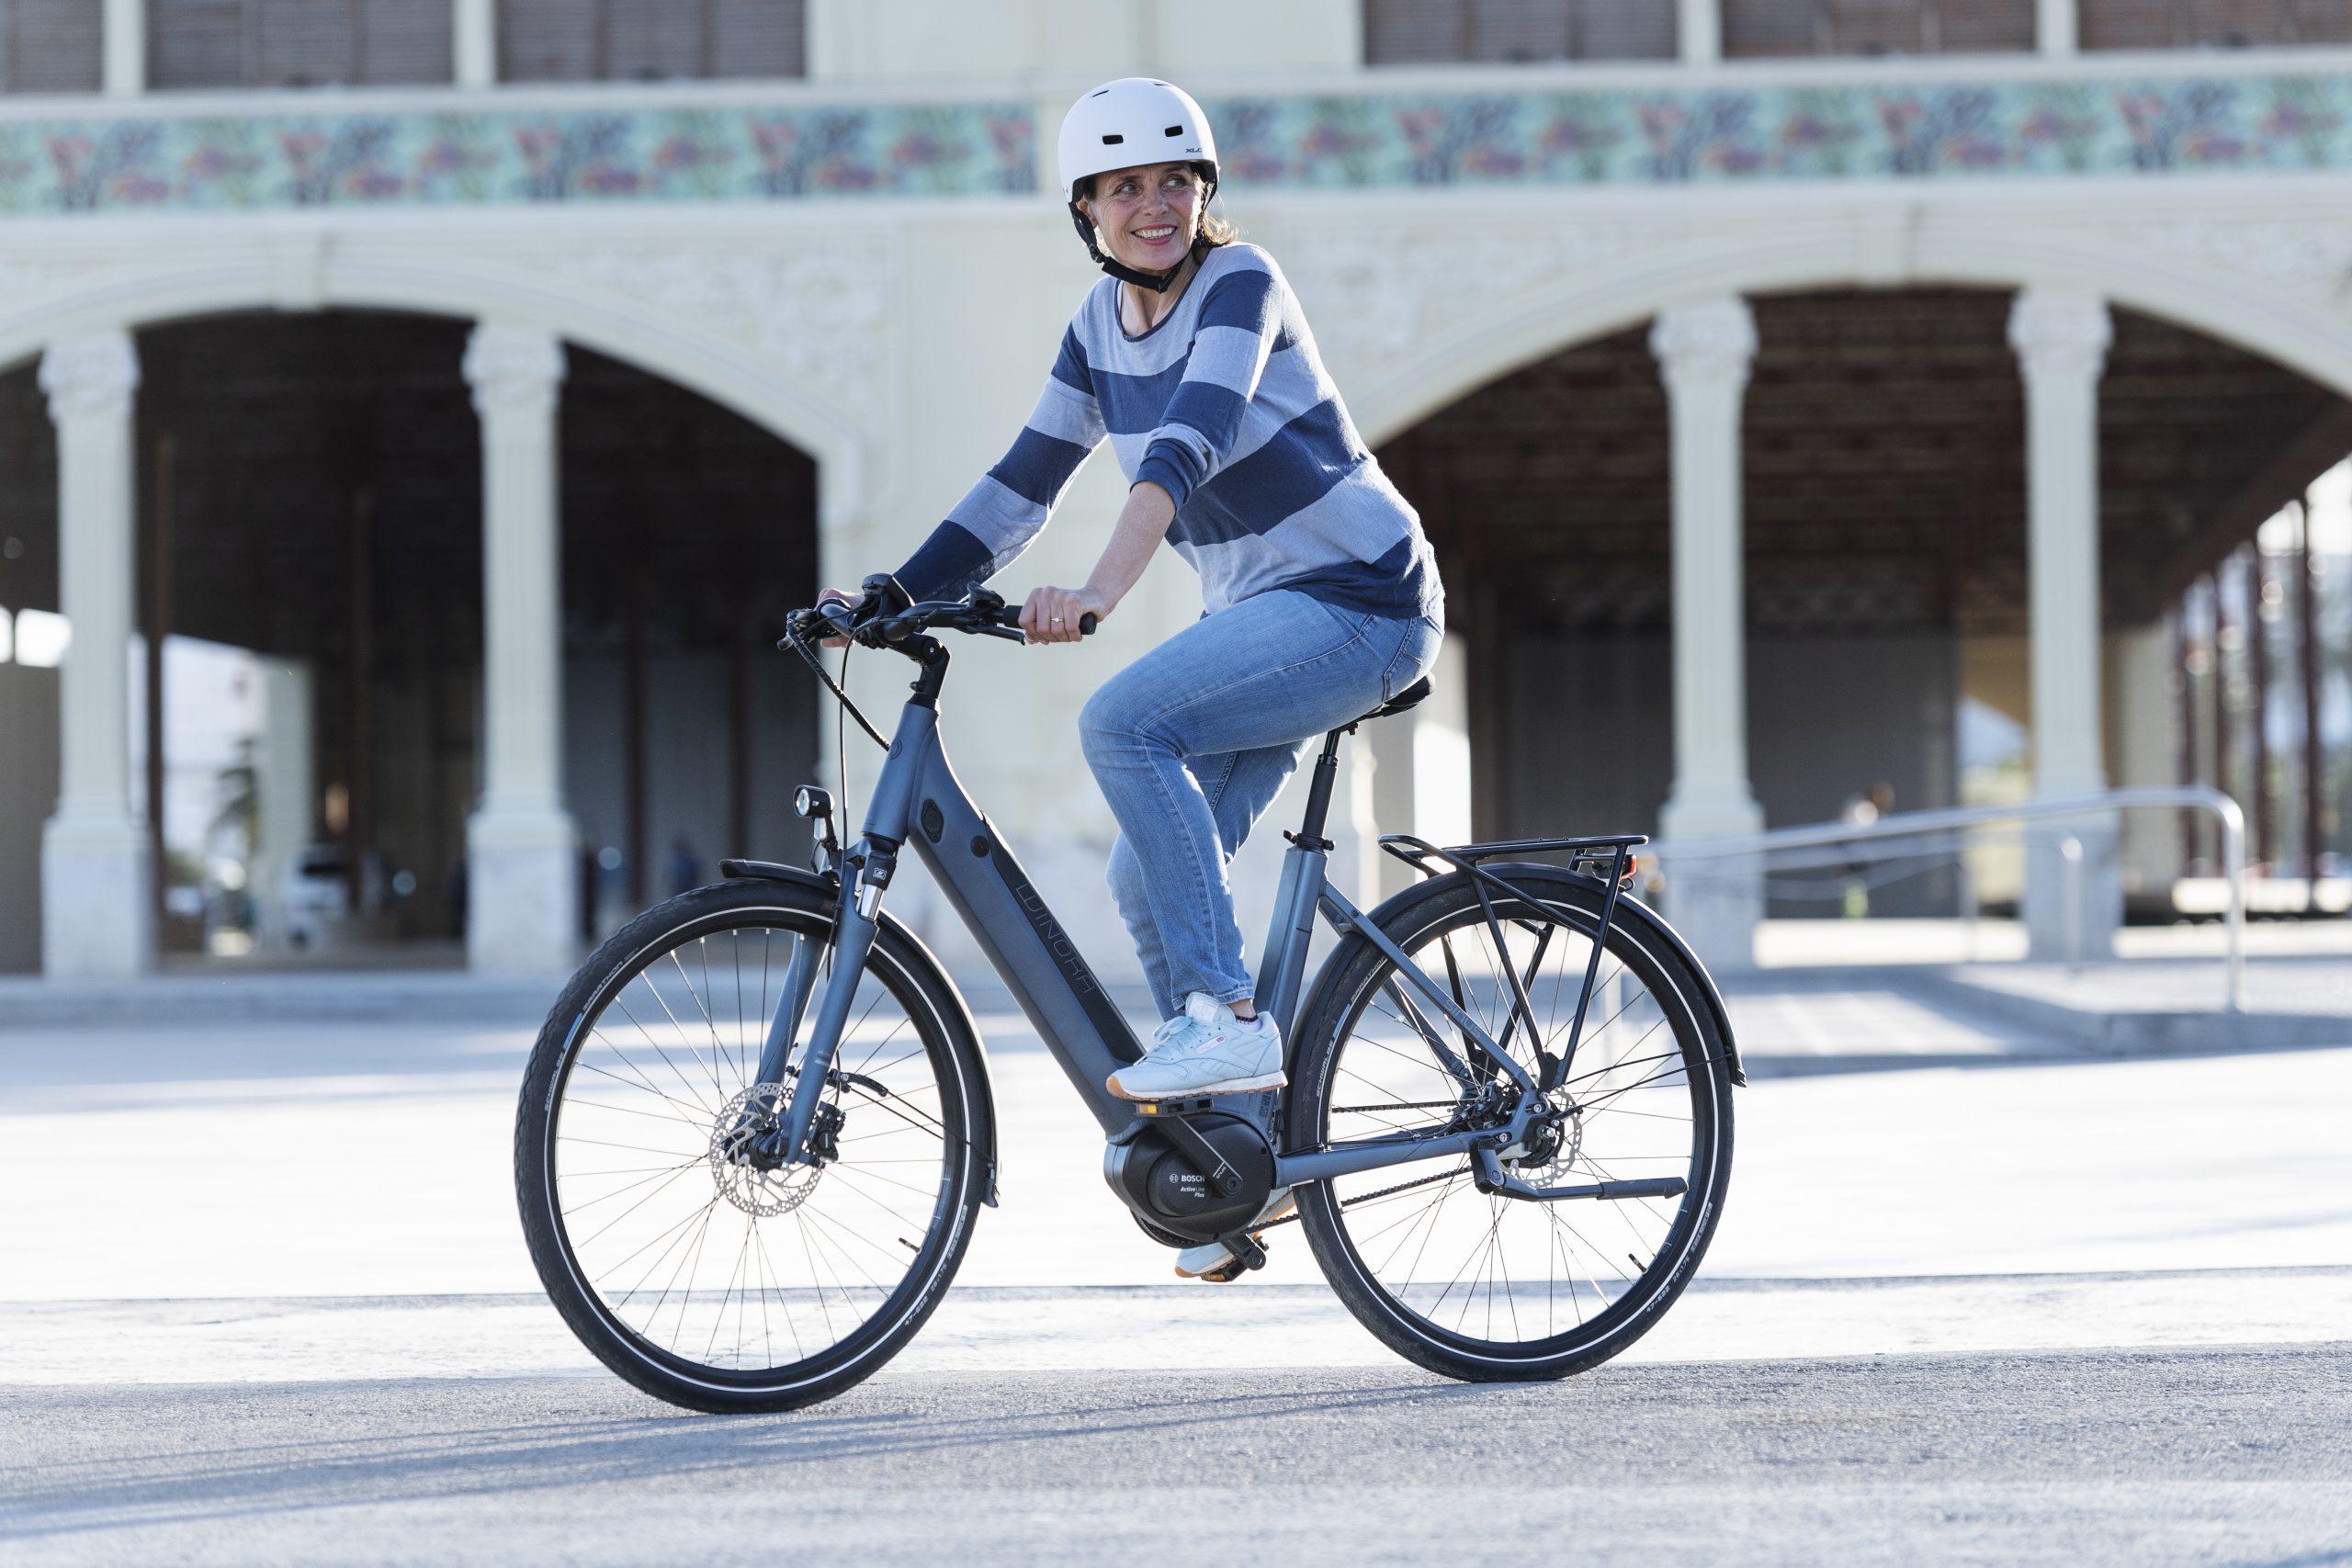 Urban/Sinus/iR8/wave+gent Esprit vélo Vente vélo VAE Réparation vélo Paris Vente d'accessoires vélos